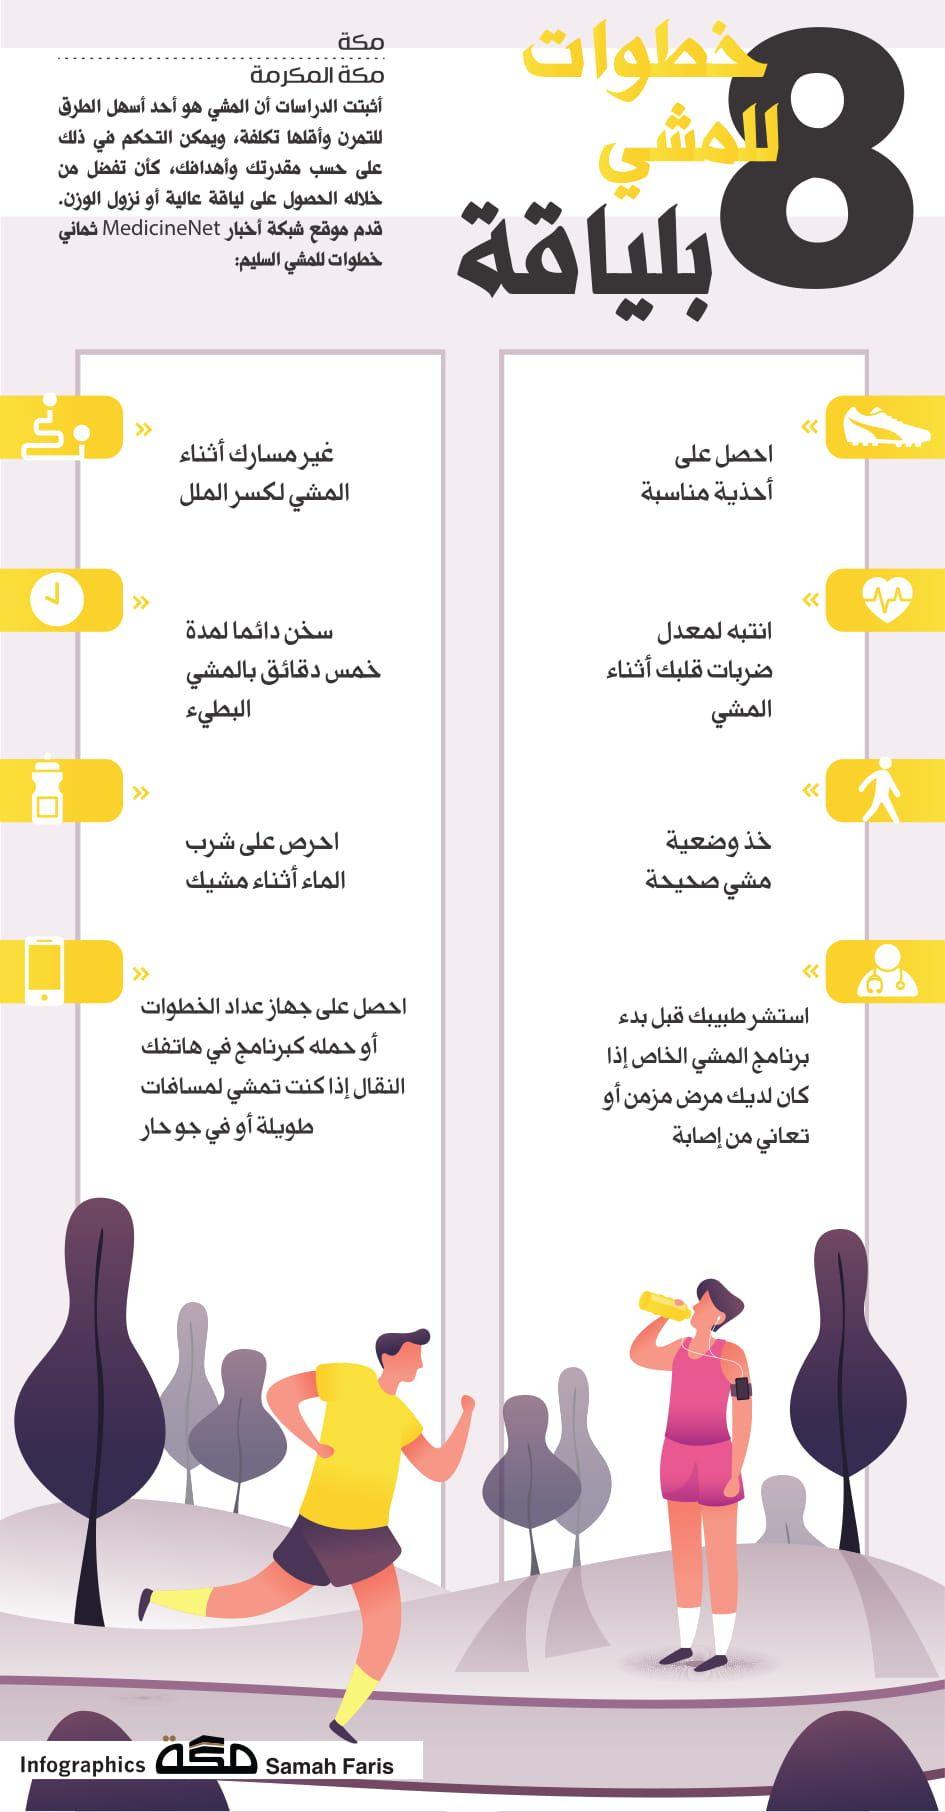 8خطوات للمشي بلياقة صحيفة مكة انفوجرافيك صحة Infographic Graphic Design Positivity